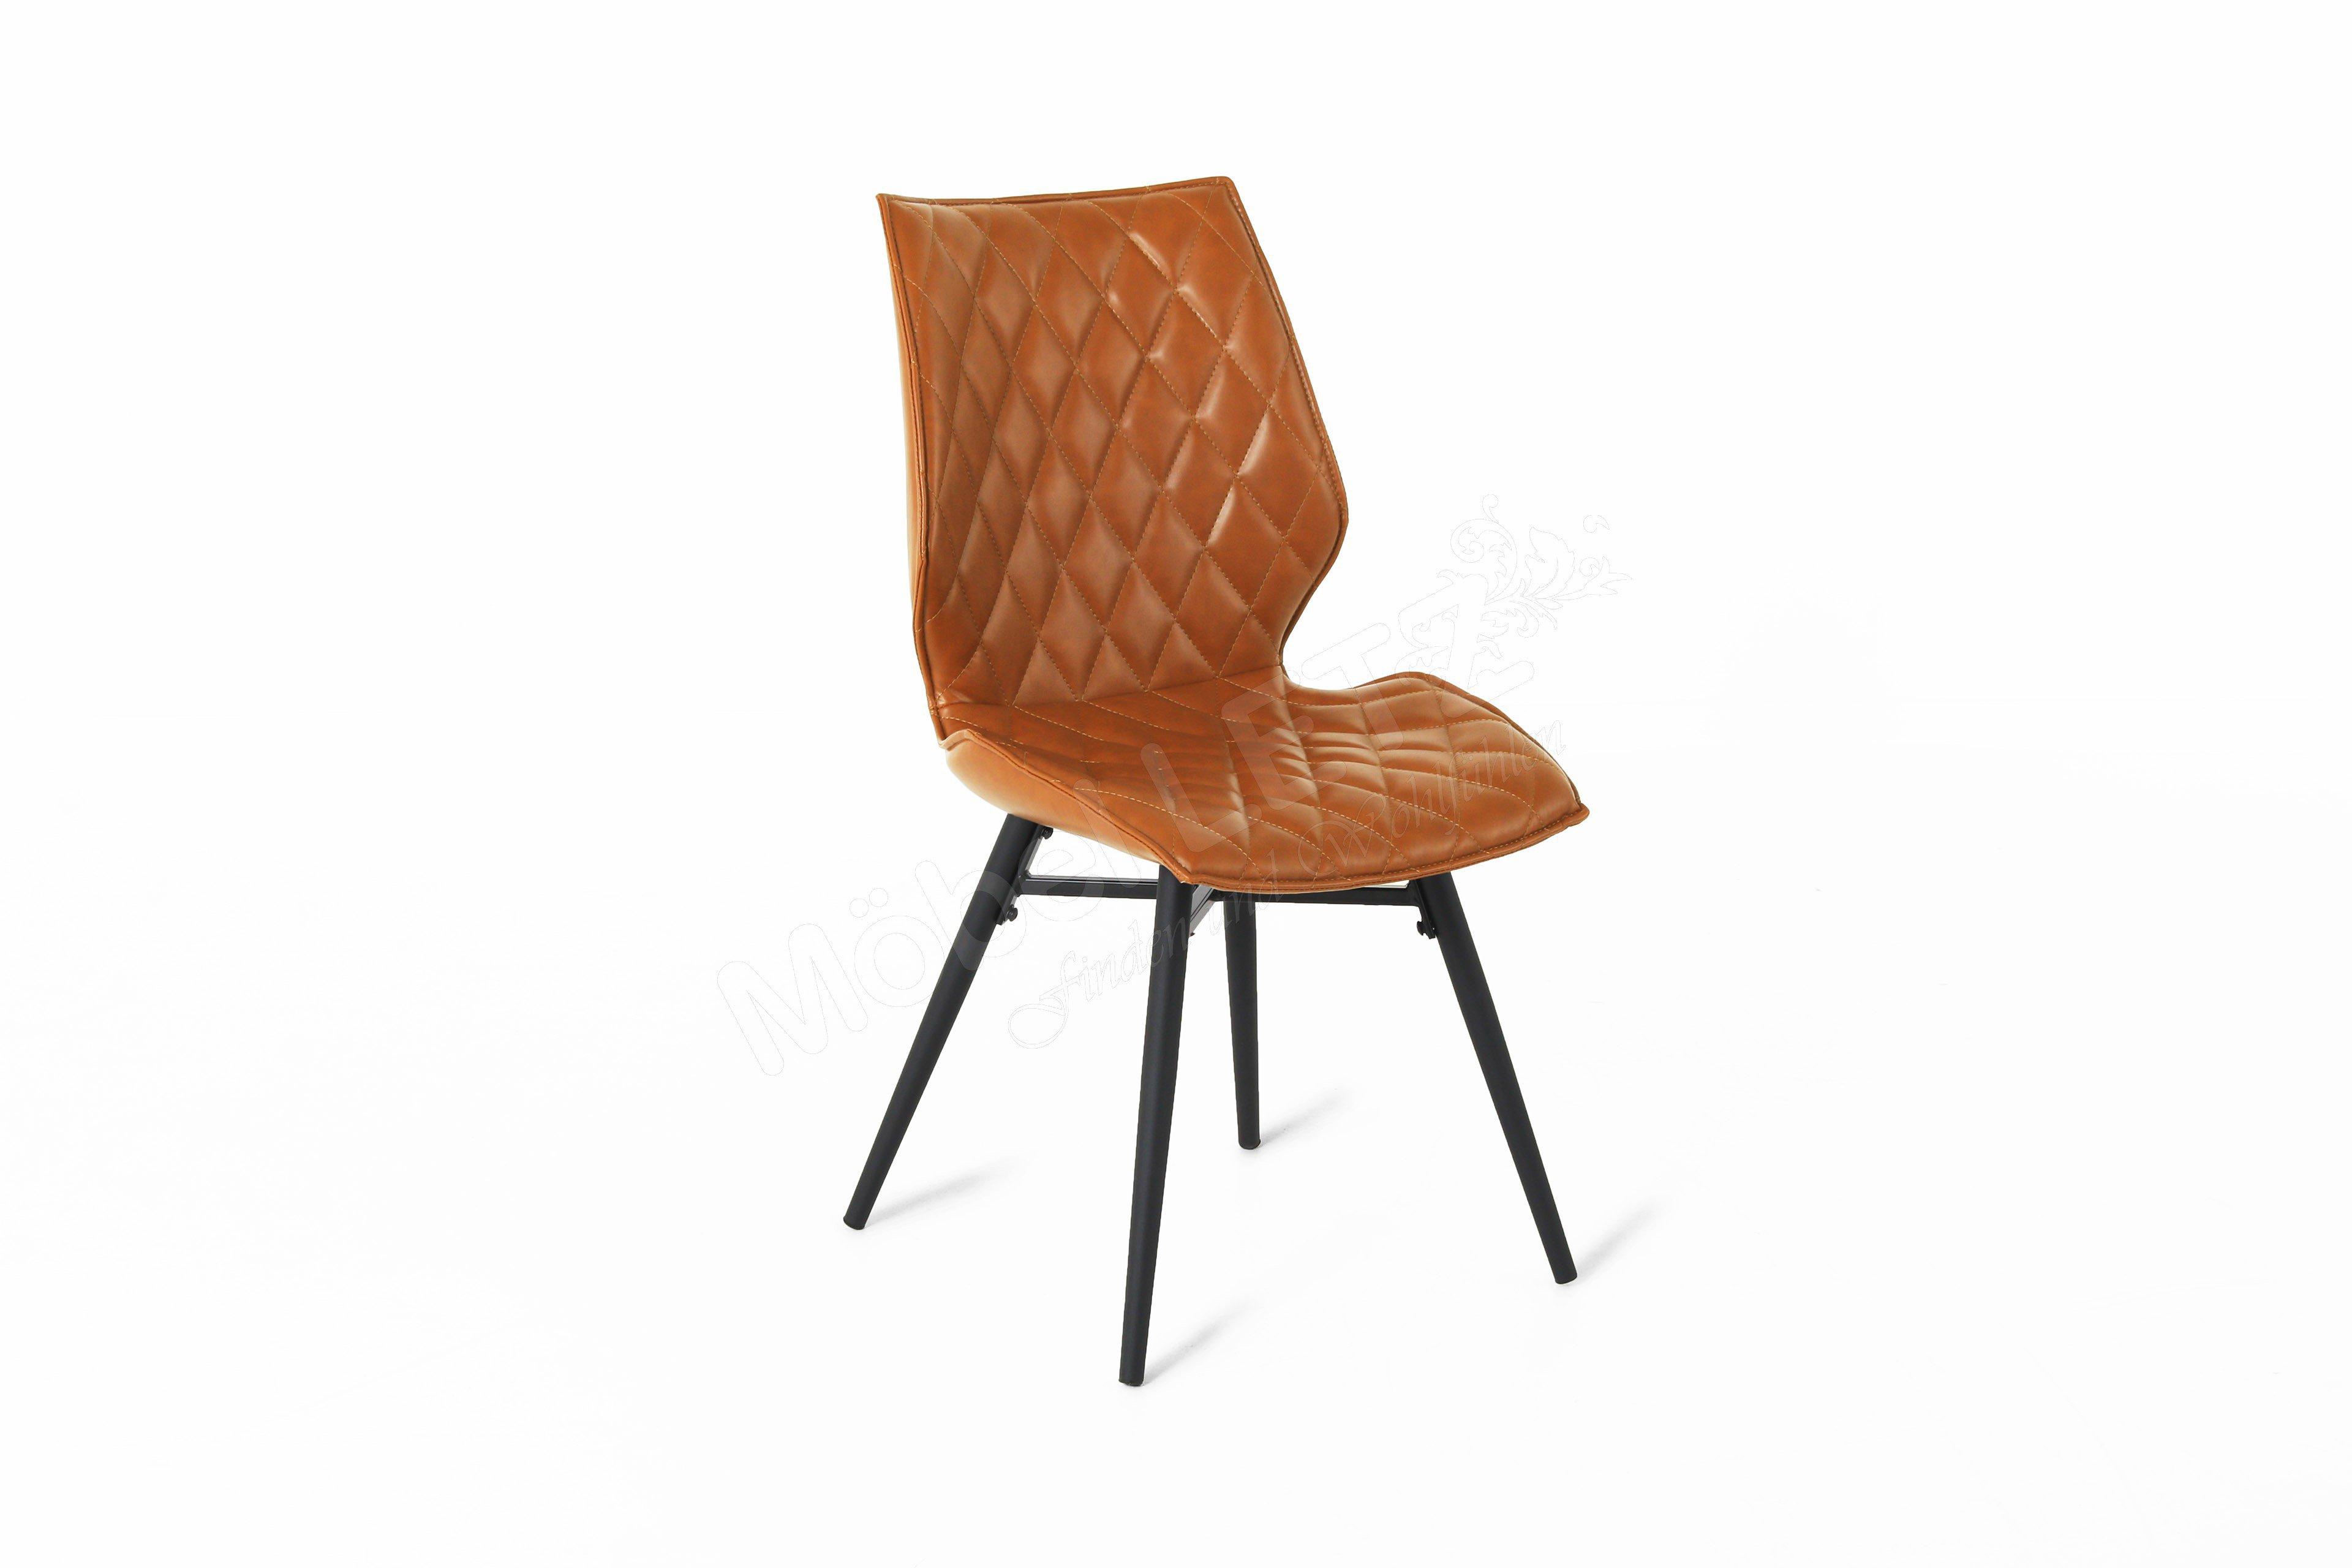 stuhl stockholm kunstleder braun m bel letz ihr online shop. Black Bedroom Furniture Sets. Home Design Ideas